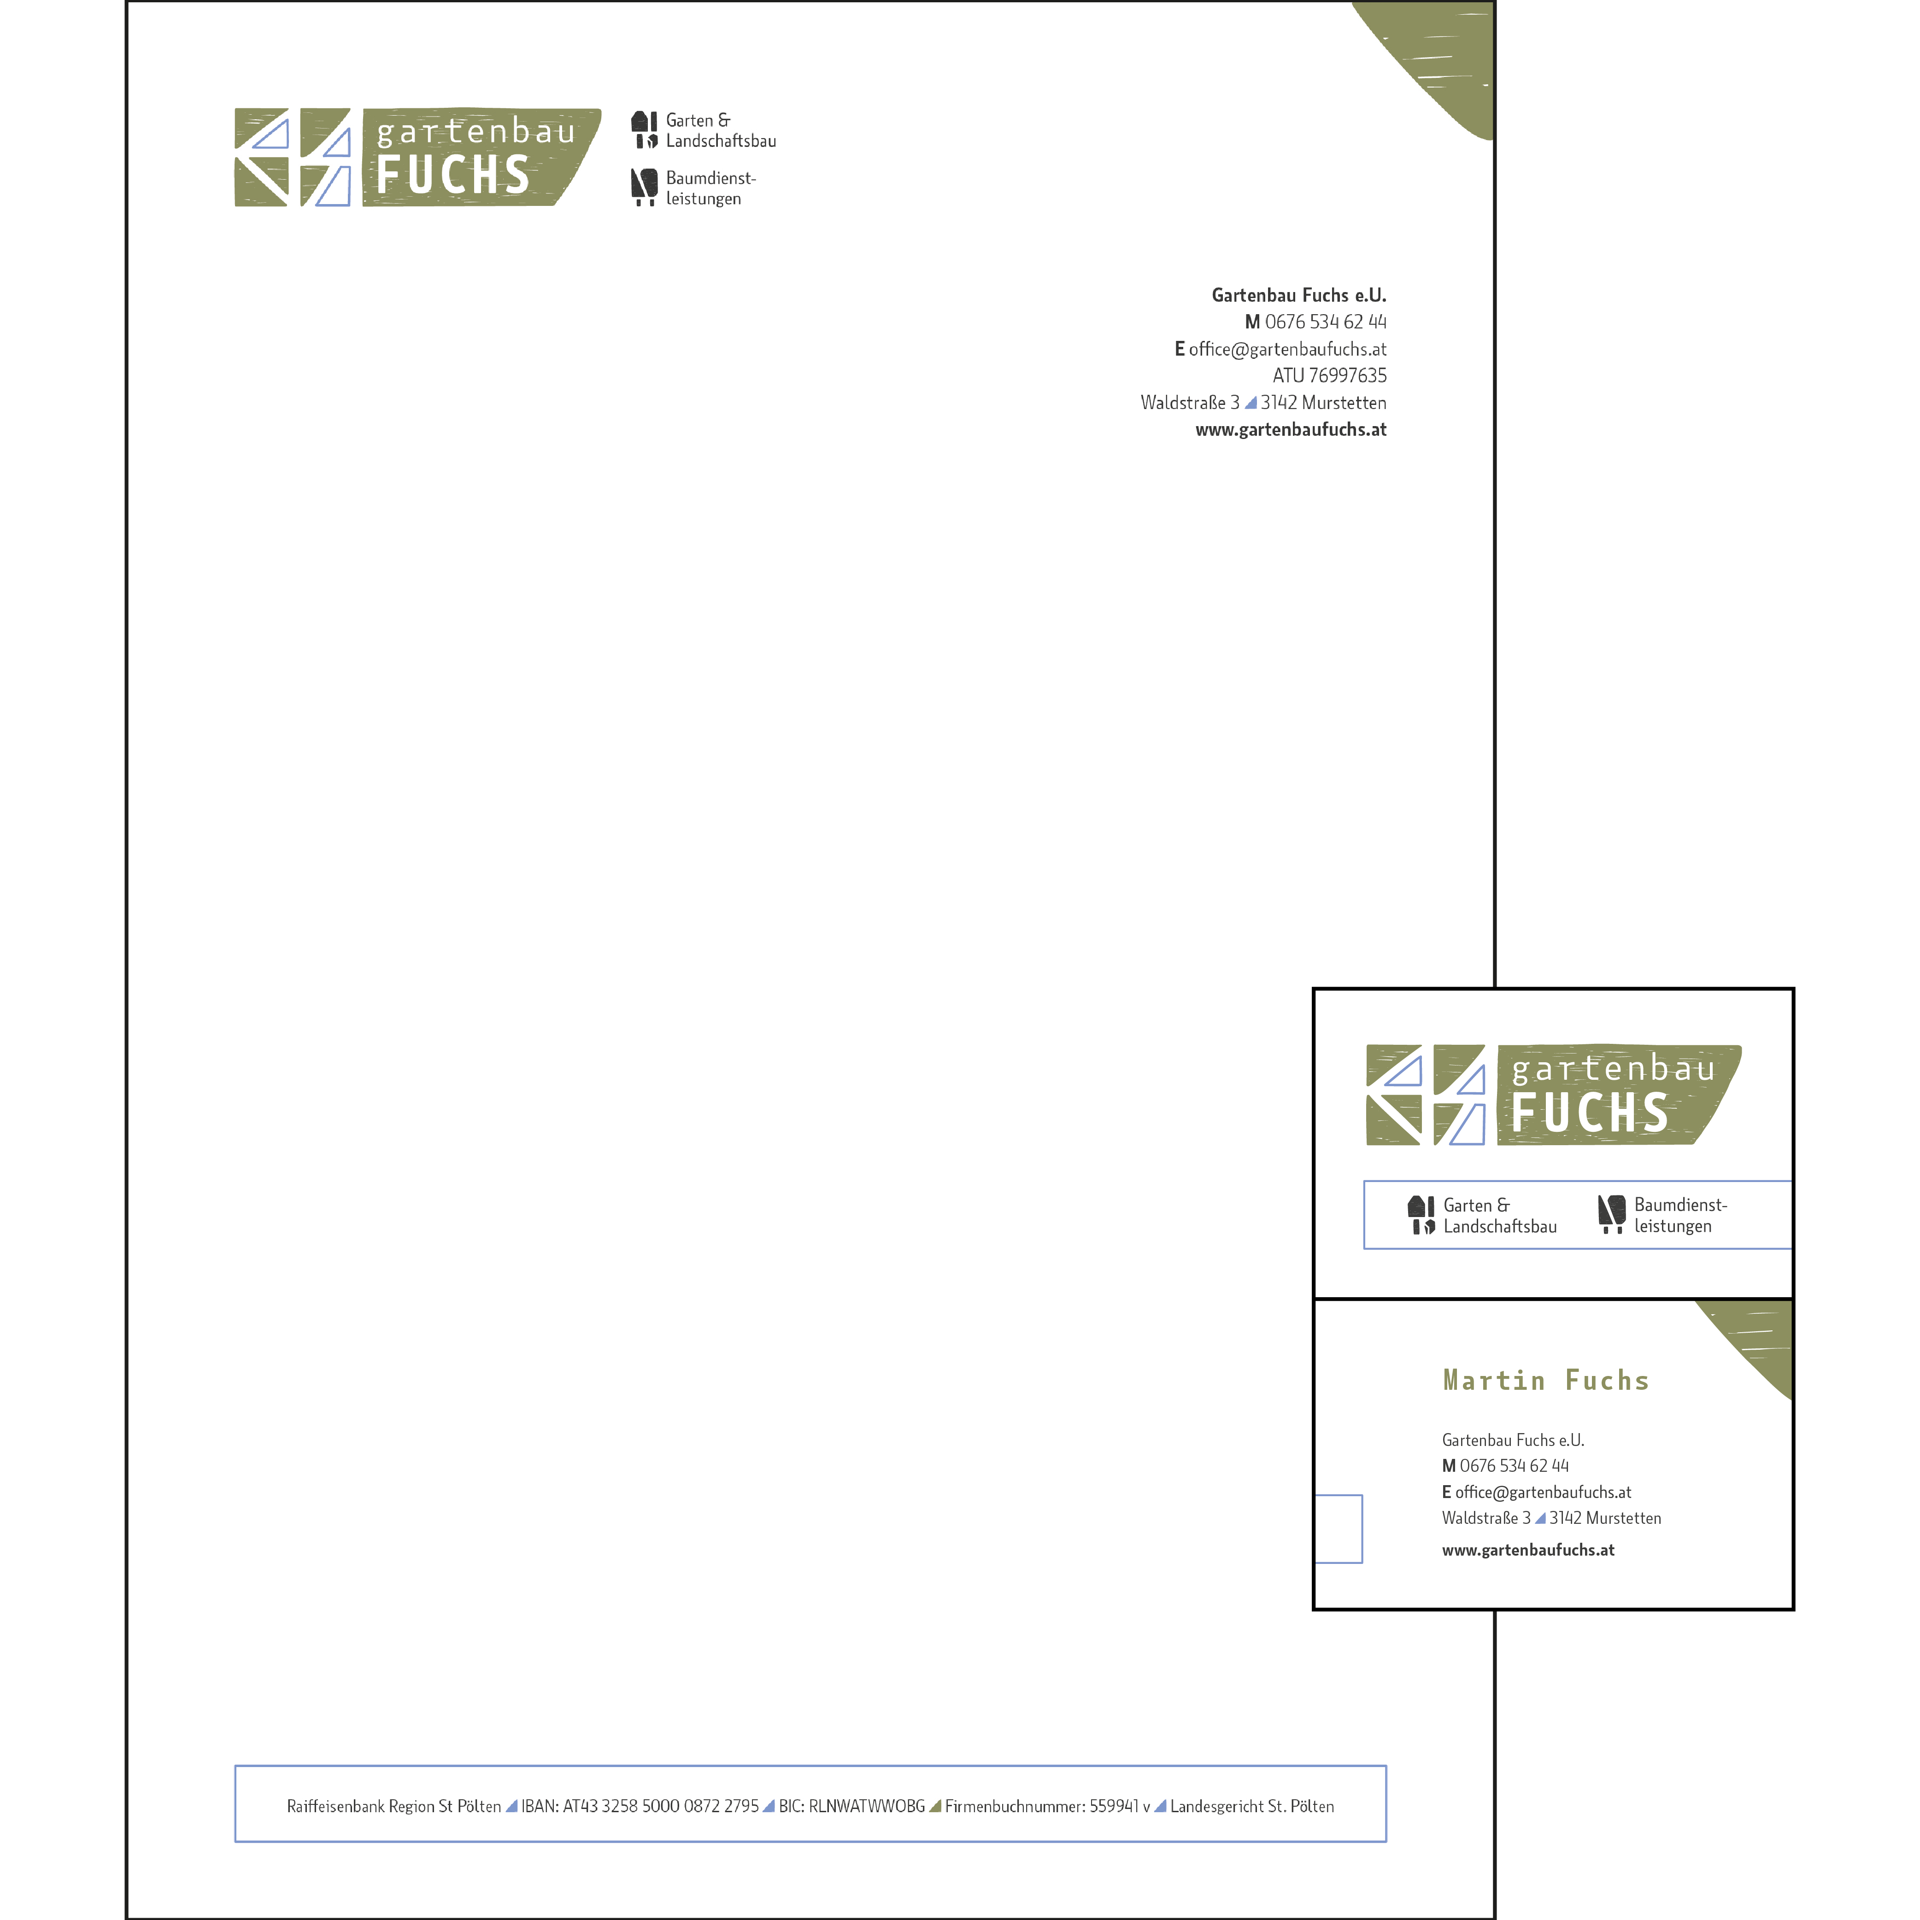 gartenbau fuchs briefpapier & visitenkarten (vorder- & rückseite) mit allen wichtigen infos.